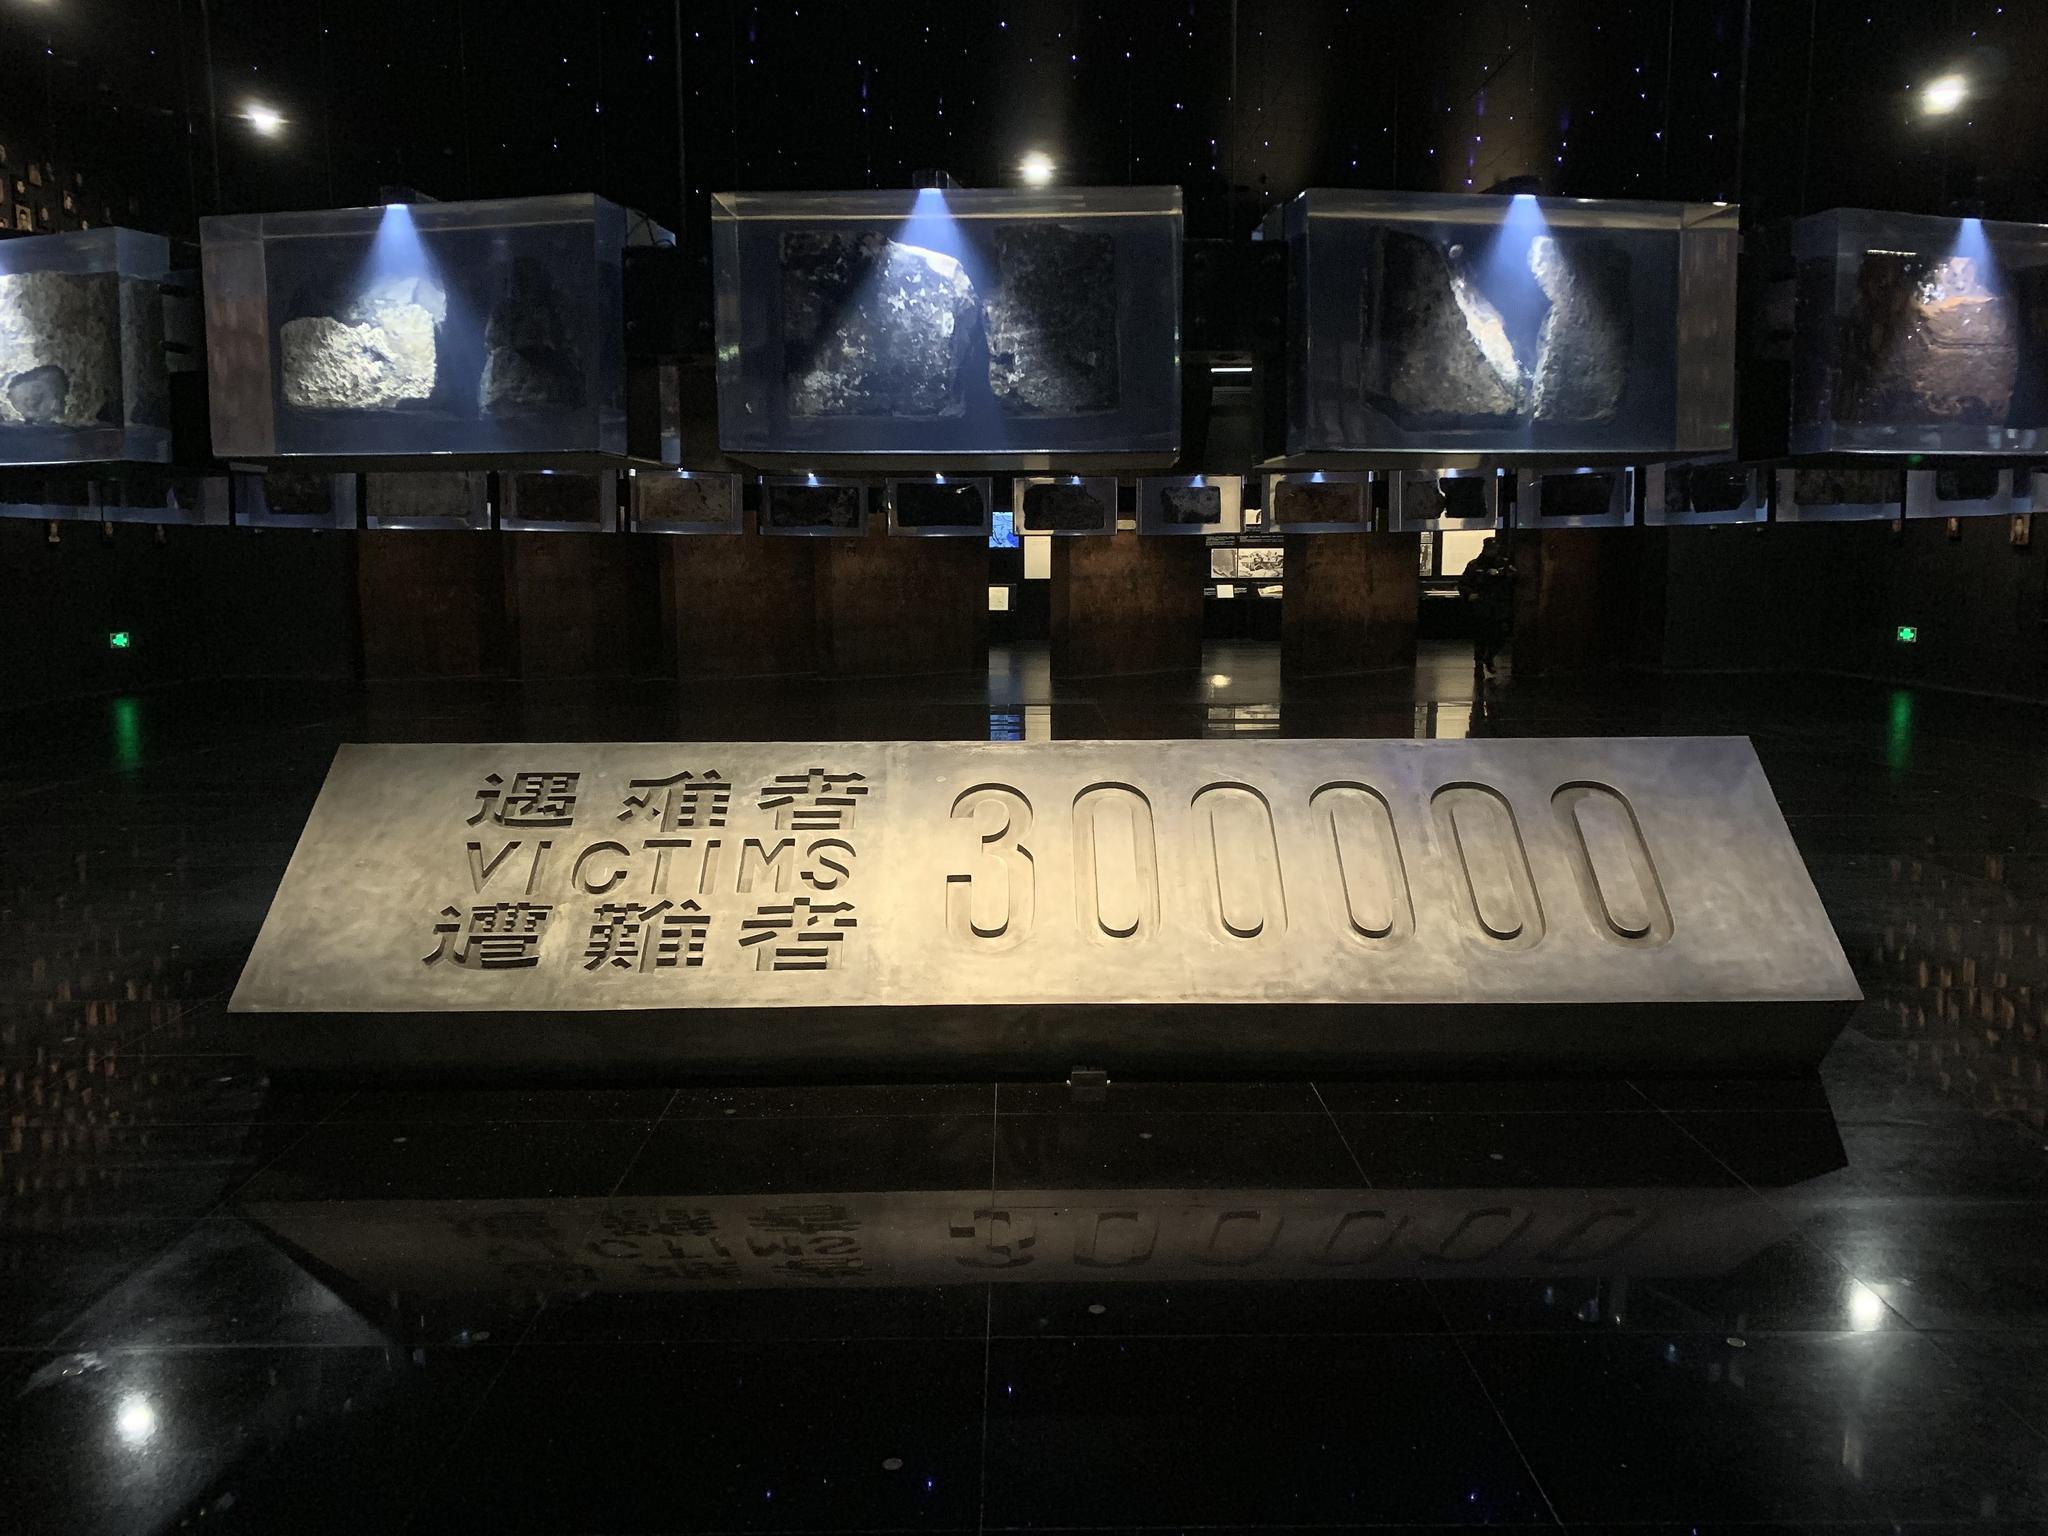 华日军南京大屠杀遇难同胞纪念馆内景。 新京报记者 李阳 摄